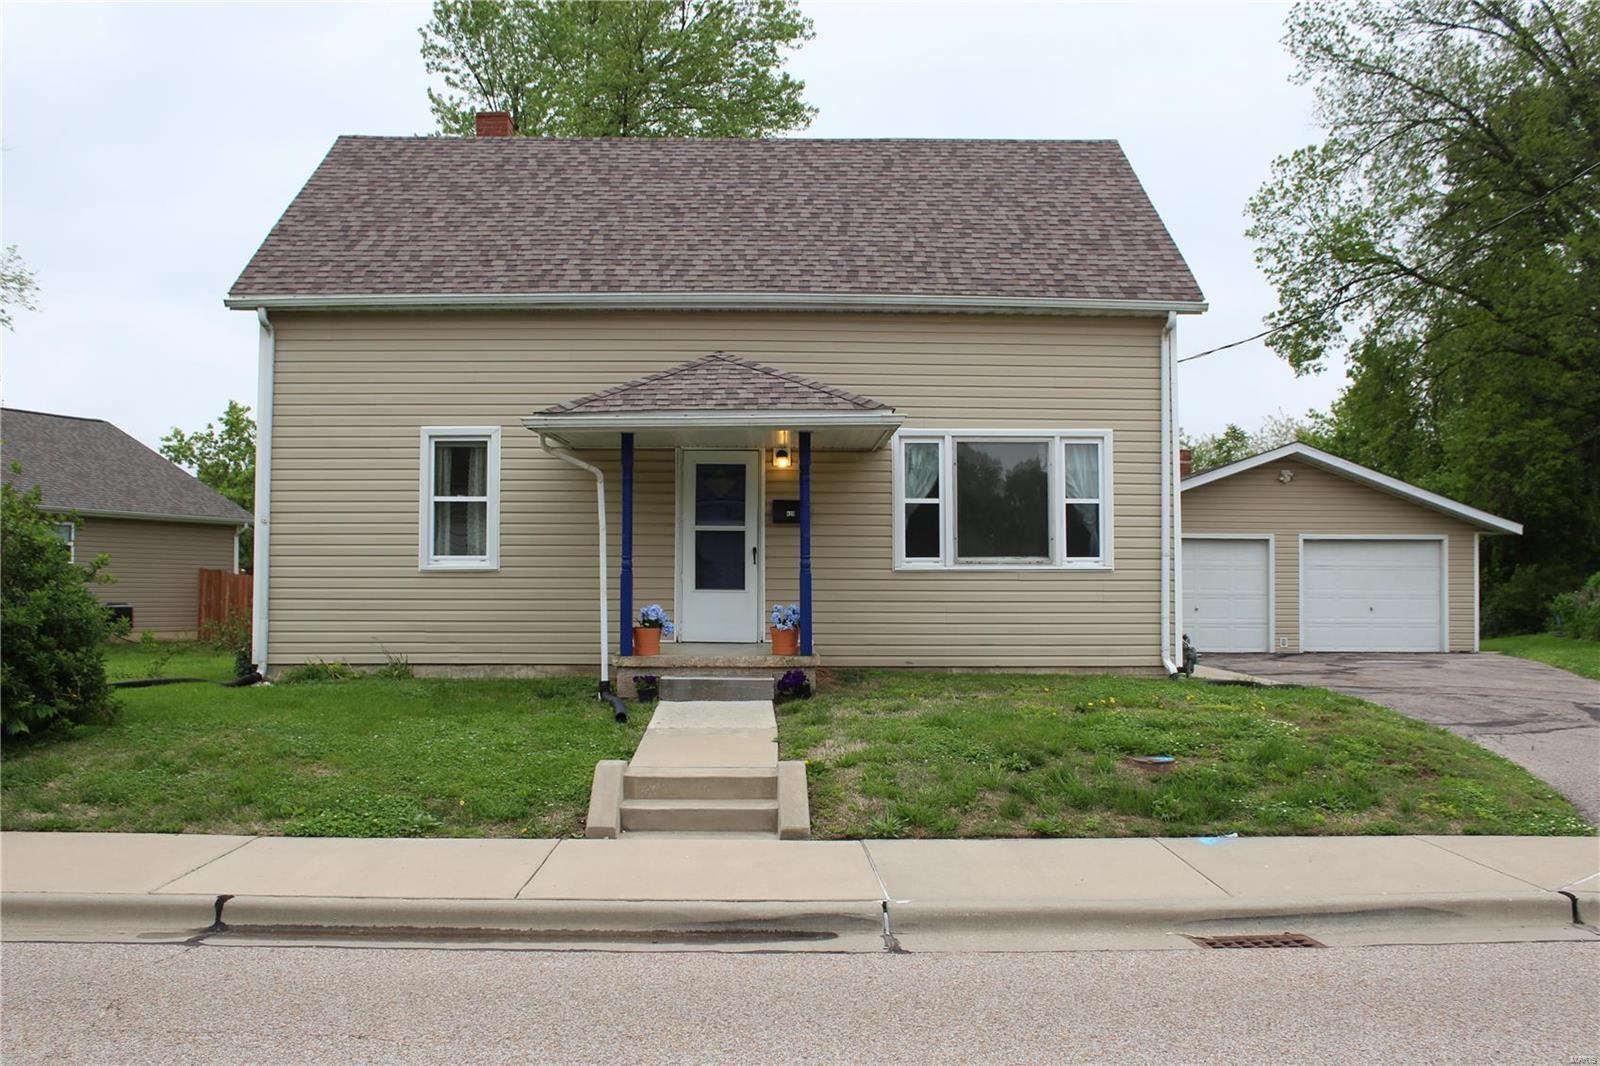 420 South Clinton, Collinsville, IL 62234 - #: 20033748